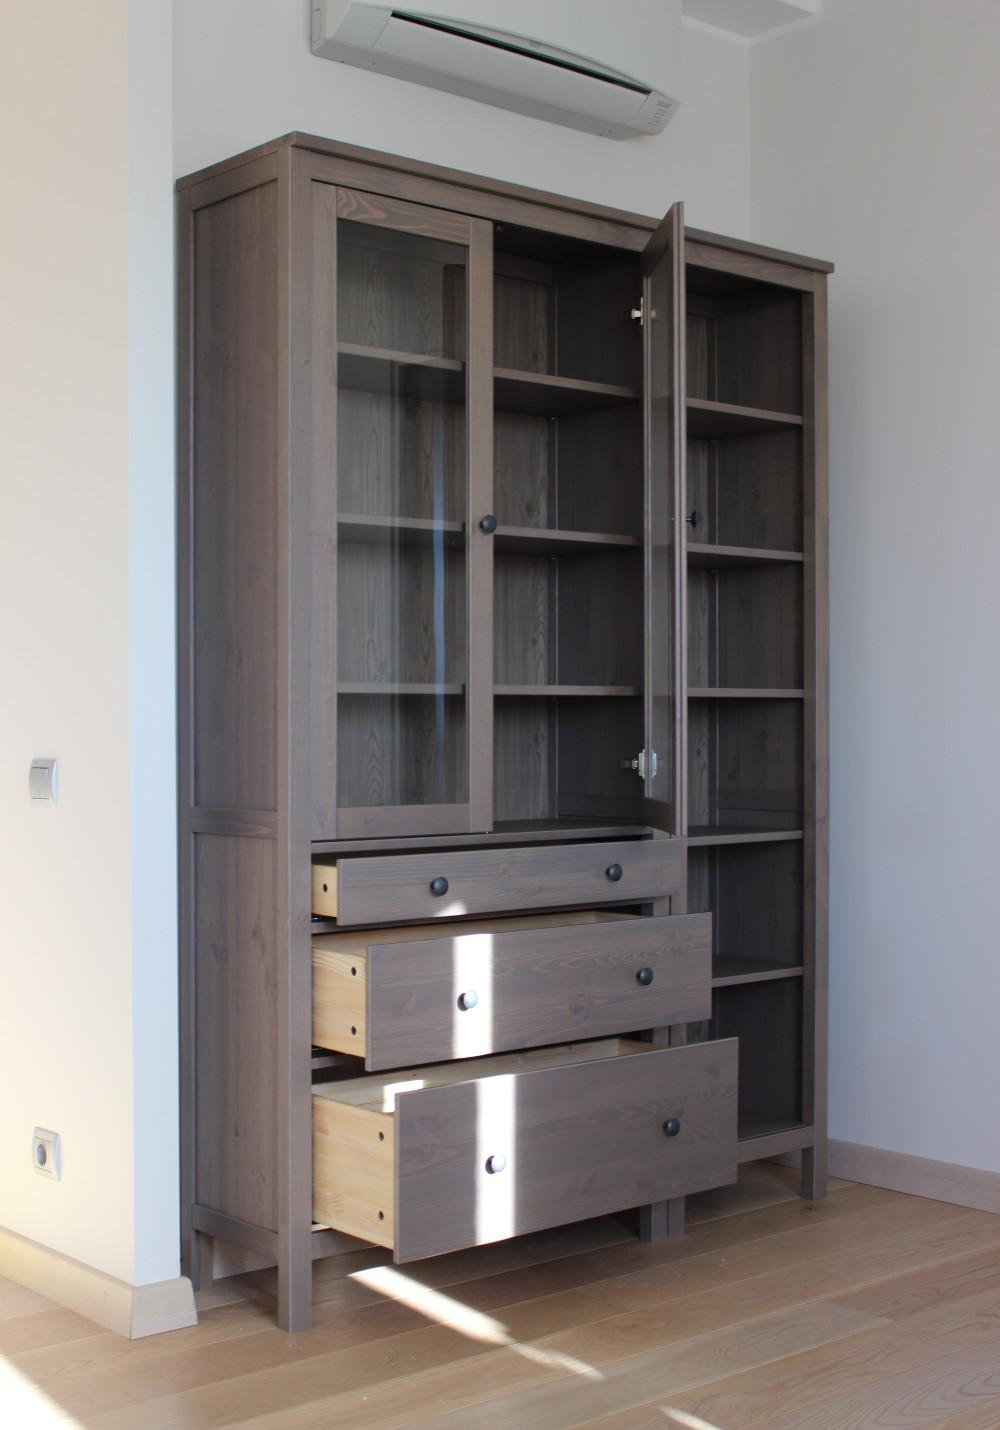 Идеи оформления гардеробной от ИКЕА. Шкафы серии СТОЛЬМЕН